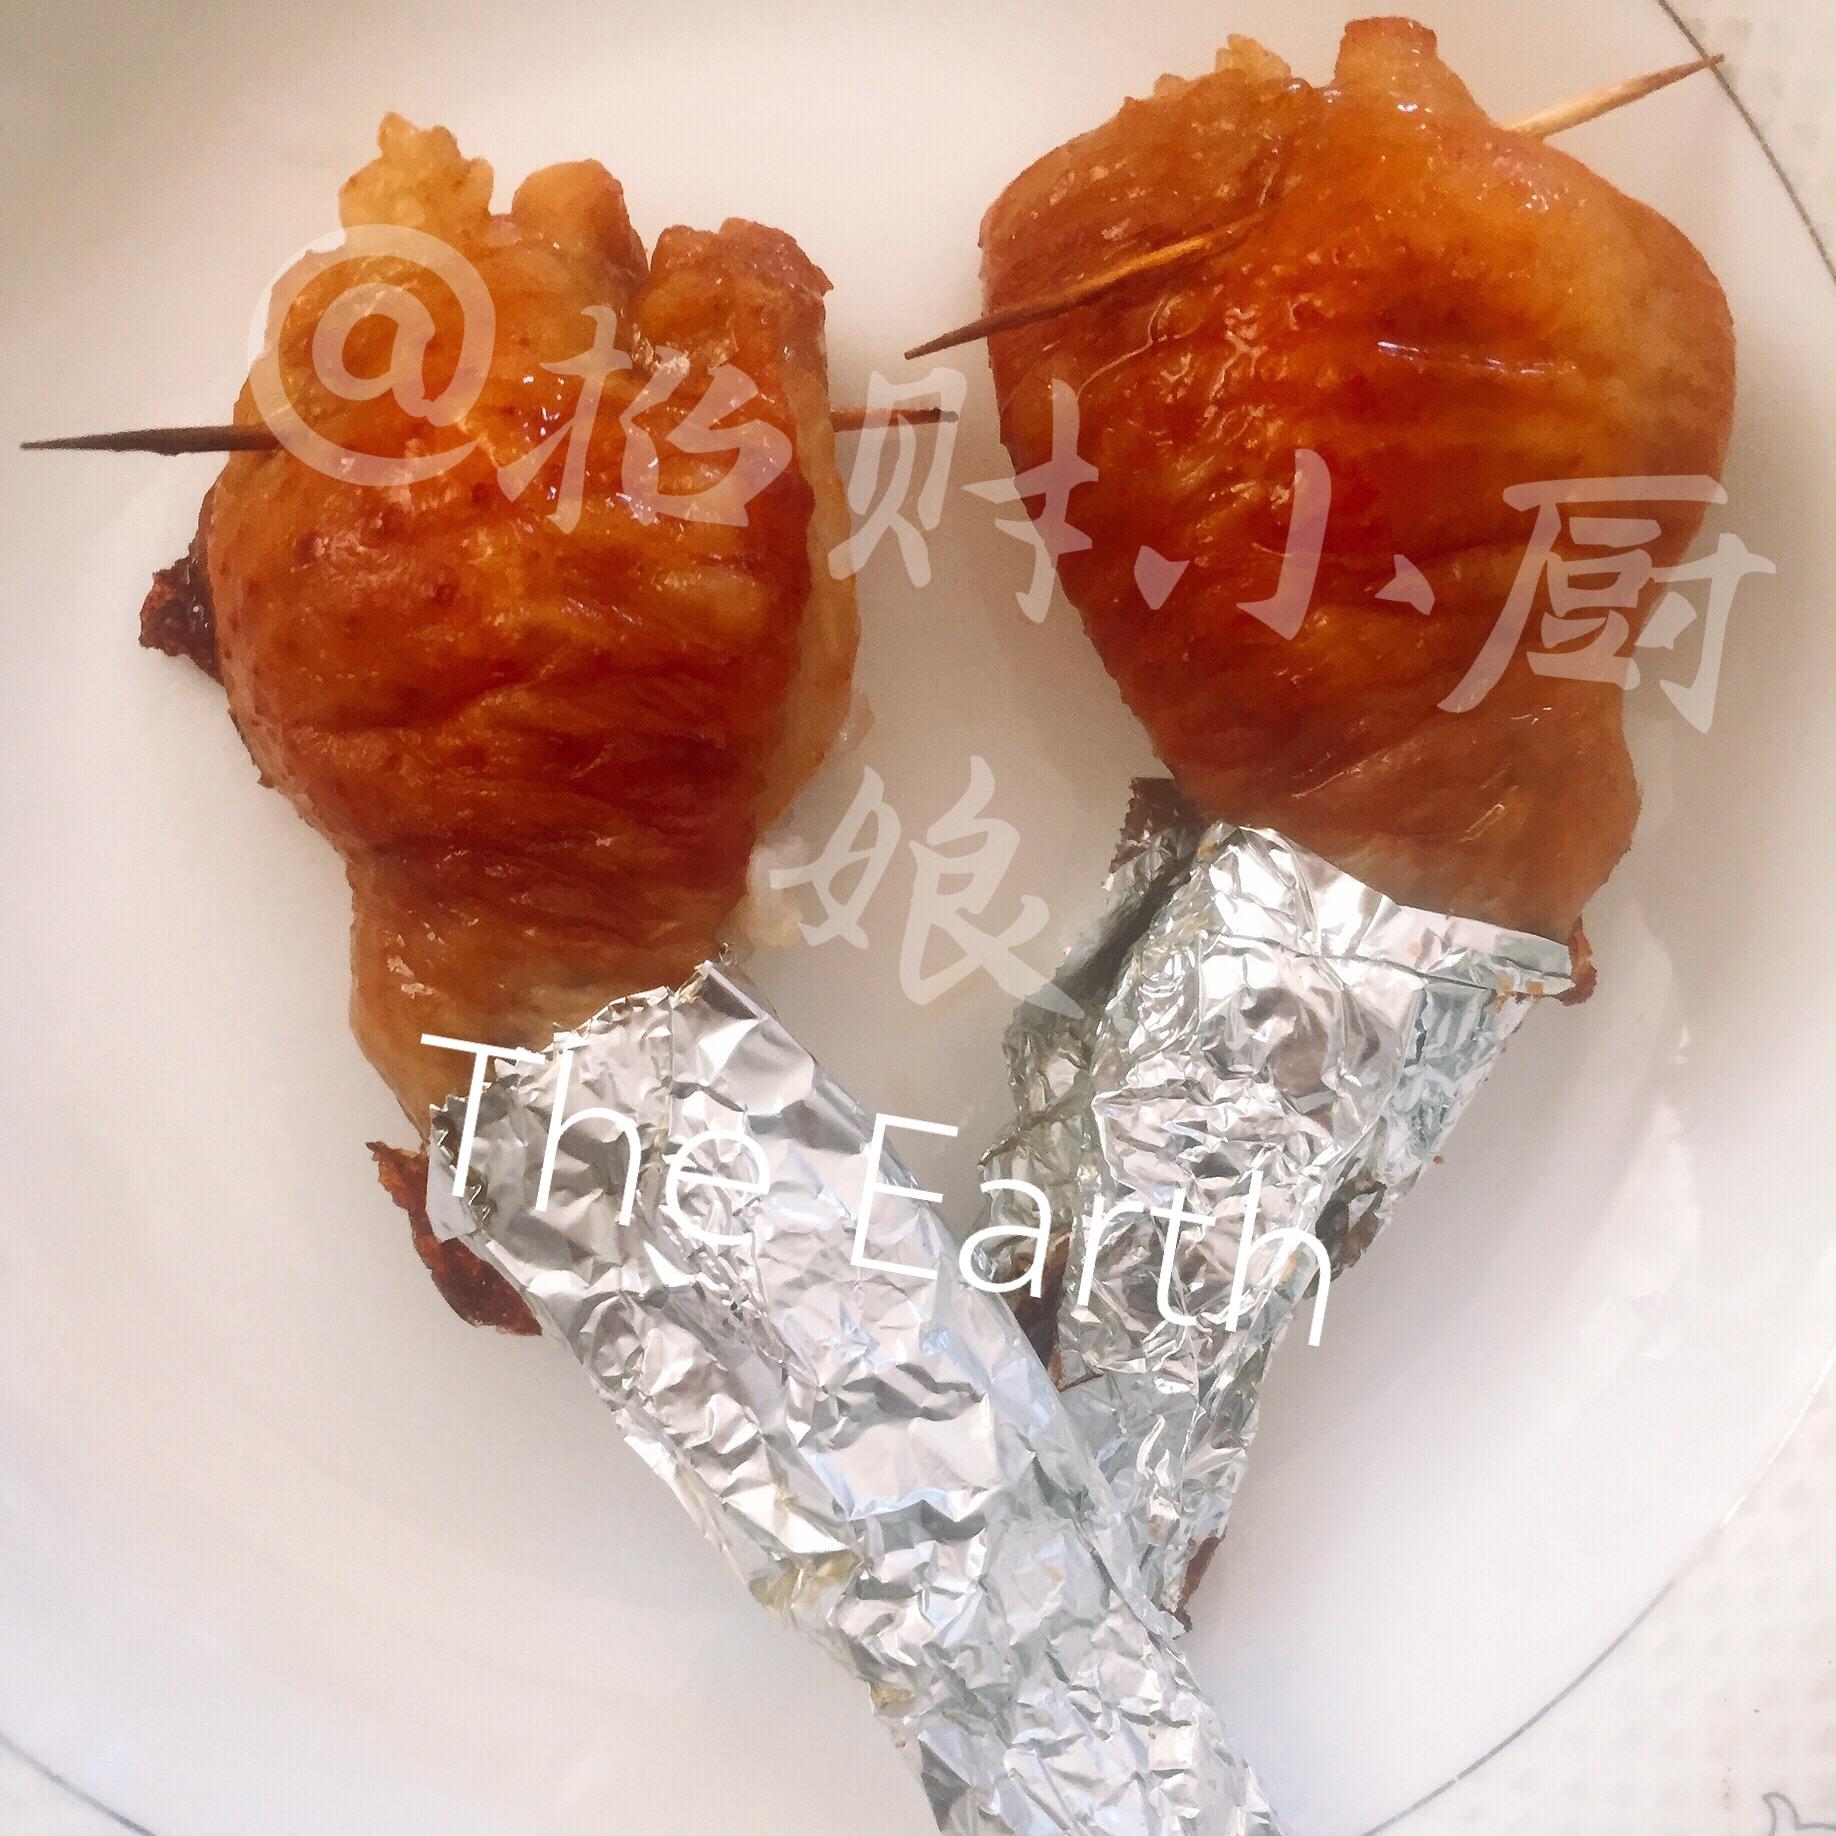 美味包饭超公众-美的美食烤箱鸡翅餐订餐三版号